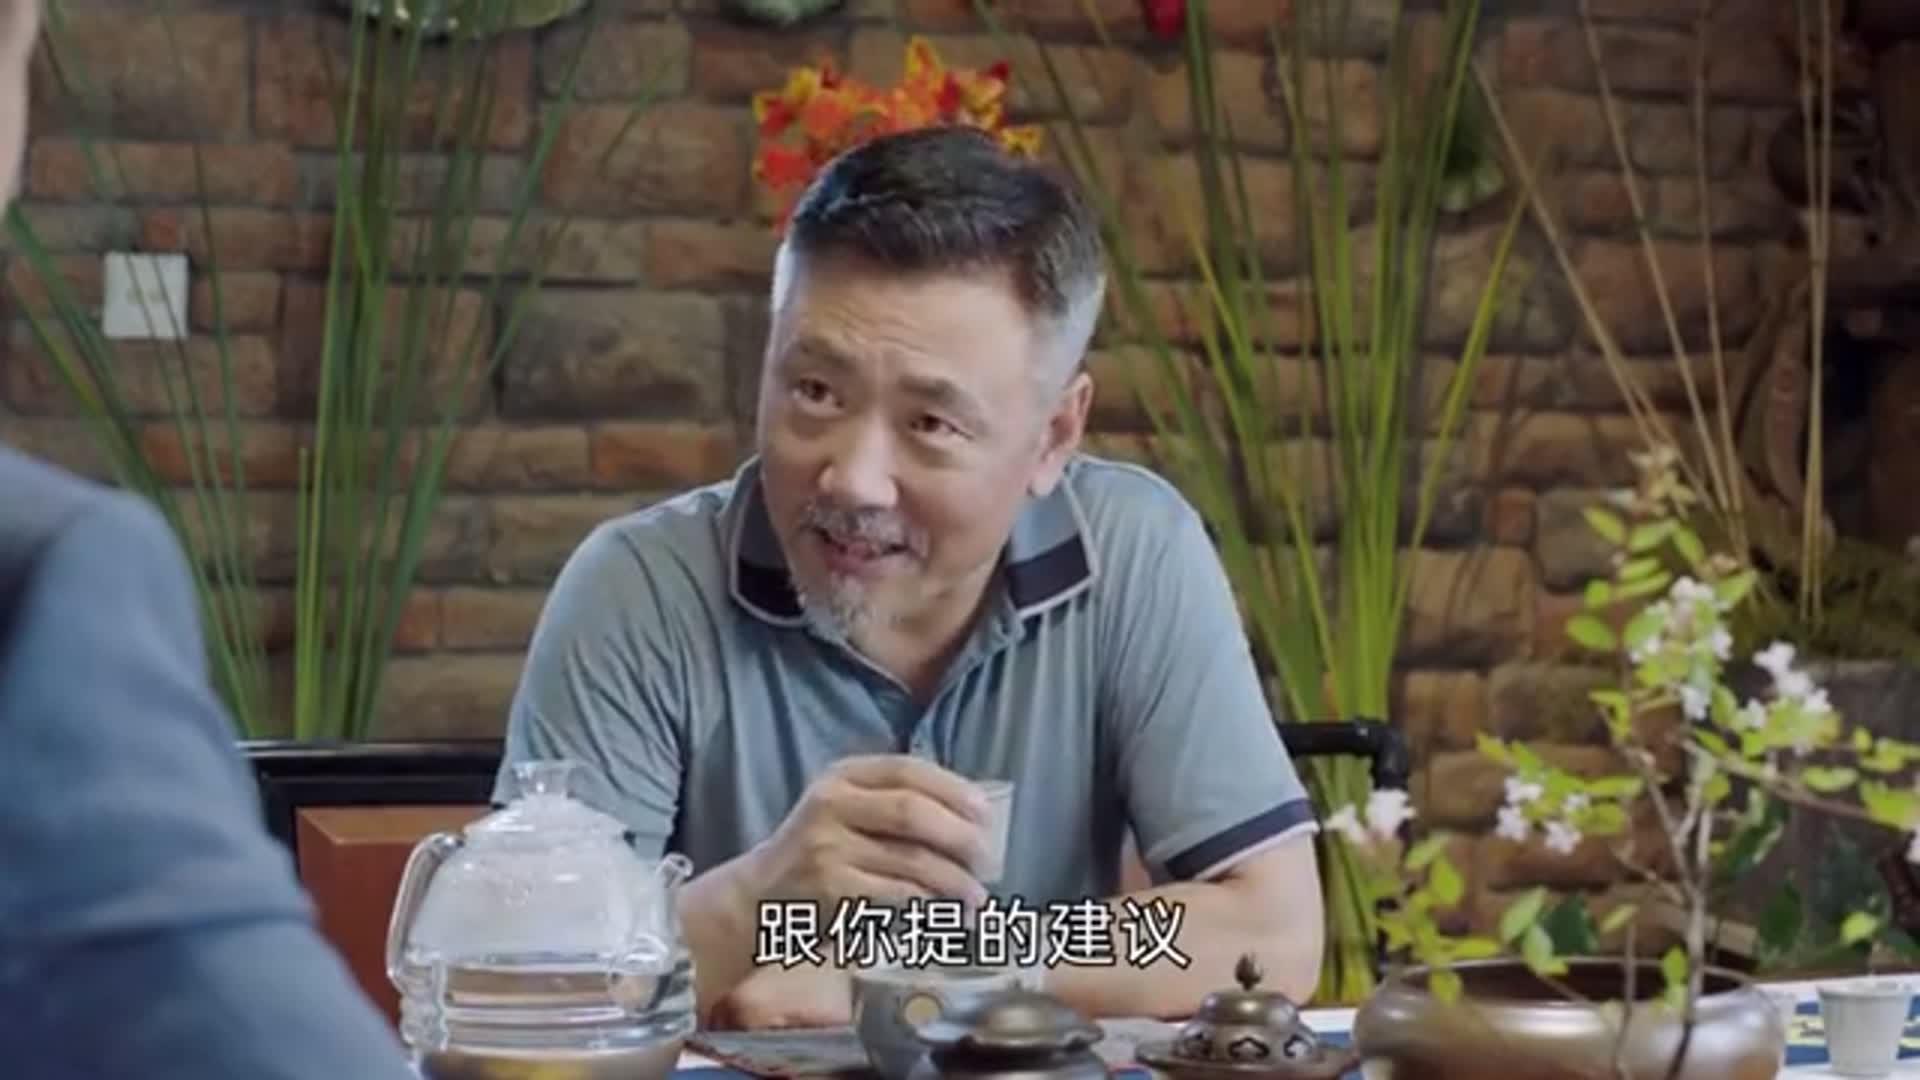 飞鸟集:苏枫和武越喝茶时,提起了武越曾经的经历